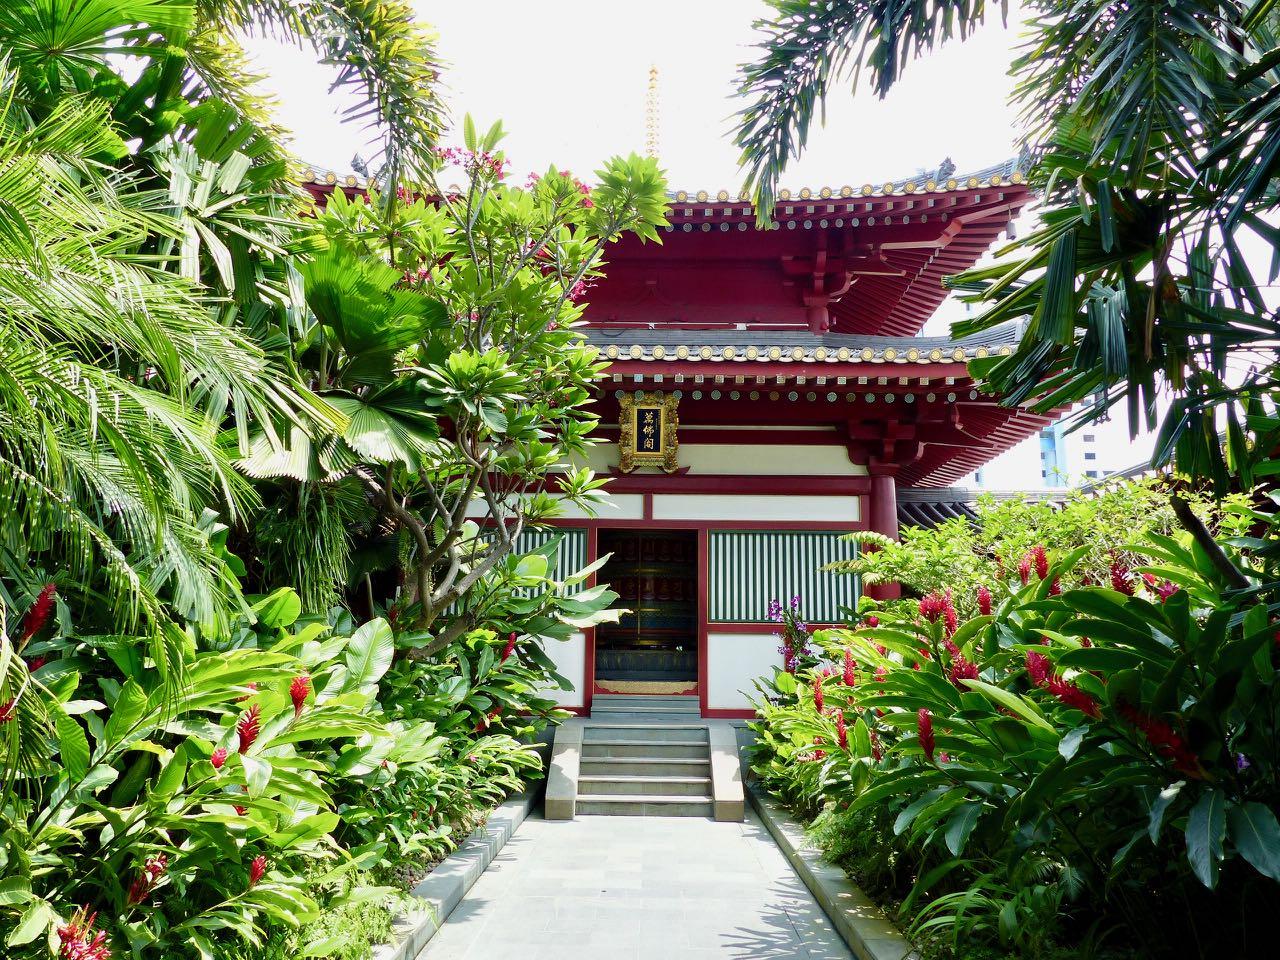 Gebetsmühle auf dem Dach des Tempels in Singapur